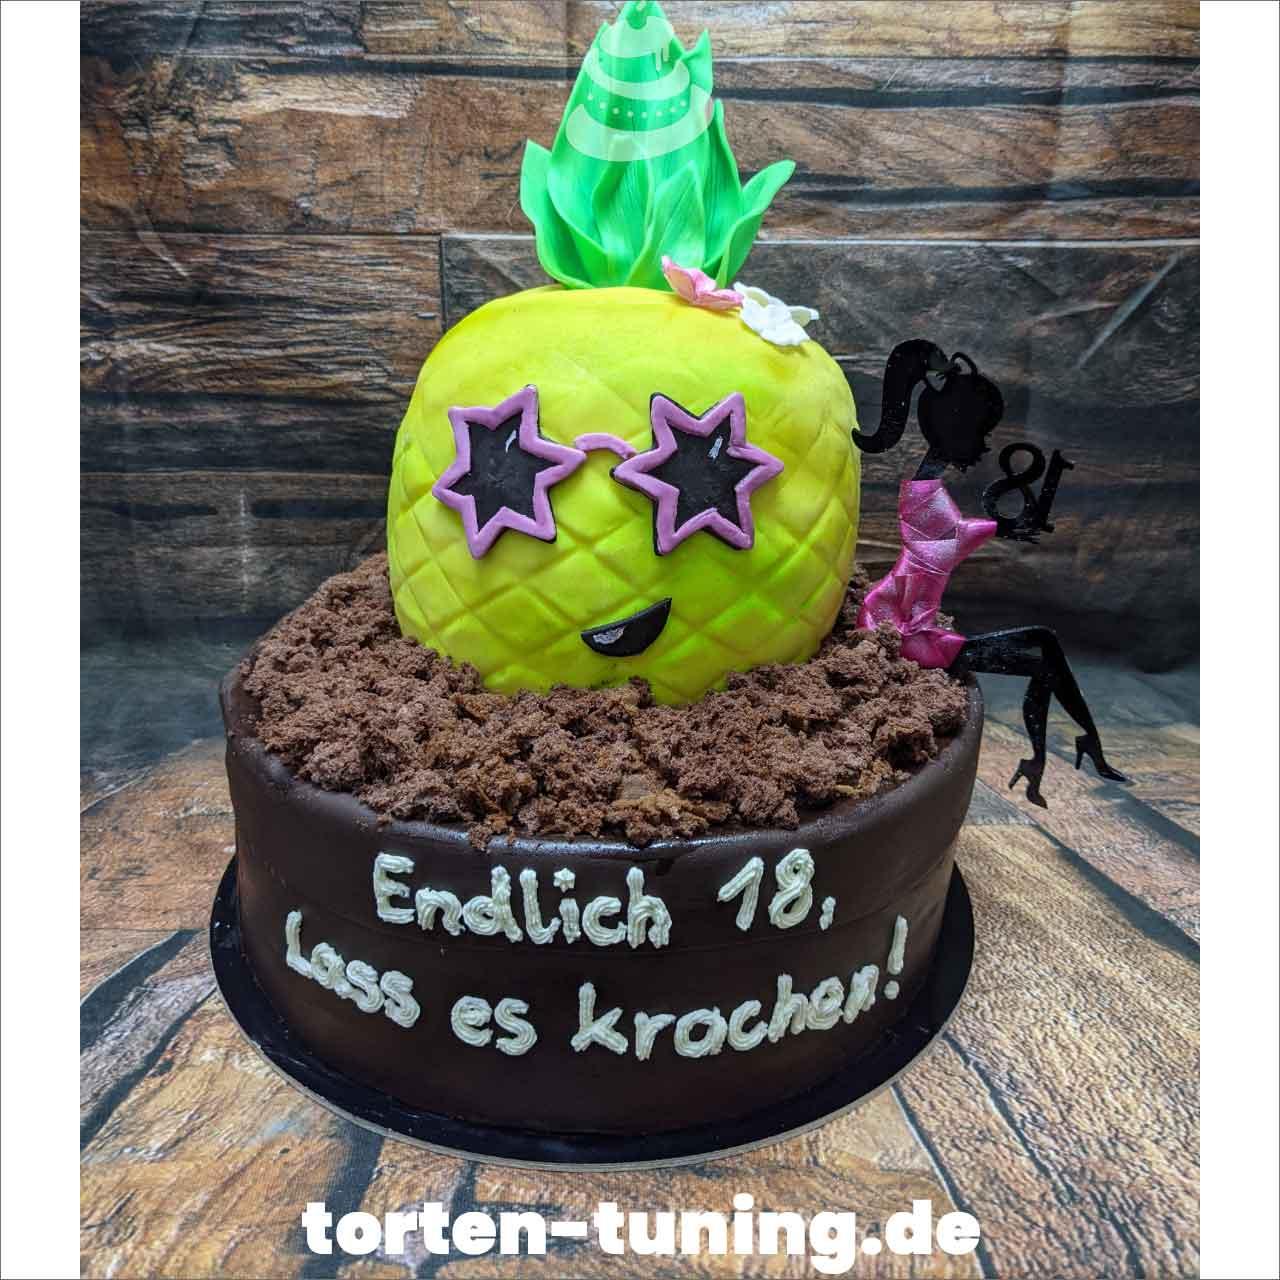 Ananas Dripcake Obsttorte Geburtstagstorte Motivtorte Torte Tortendekoration Torte online bestellen Suhl Thüringen Torten Tuning Sahnetorte Tortenfiguren Cake Topper